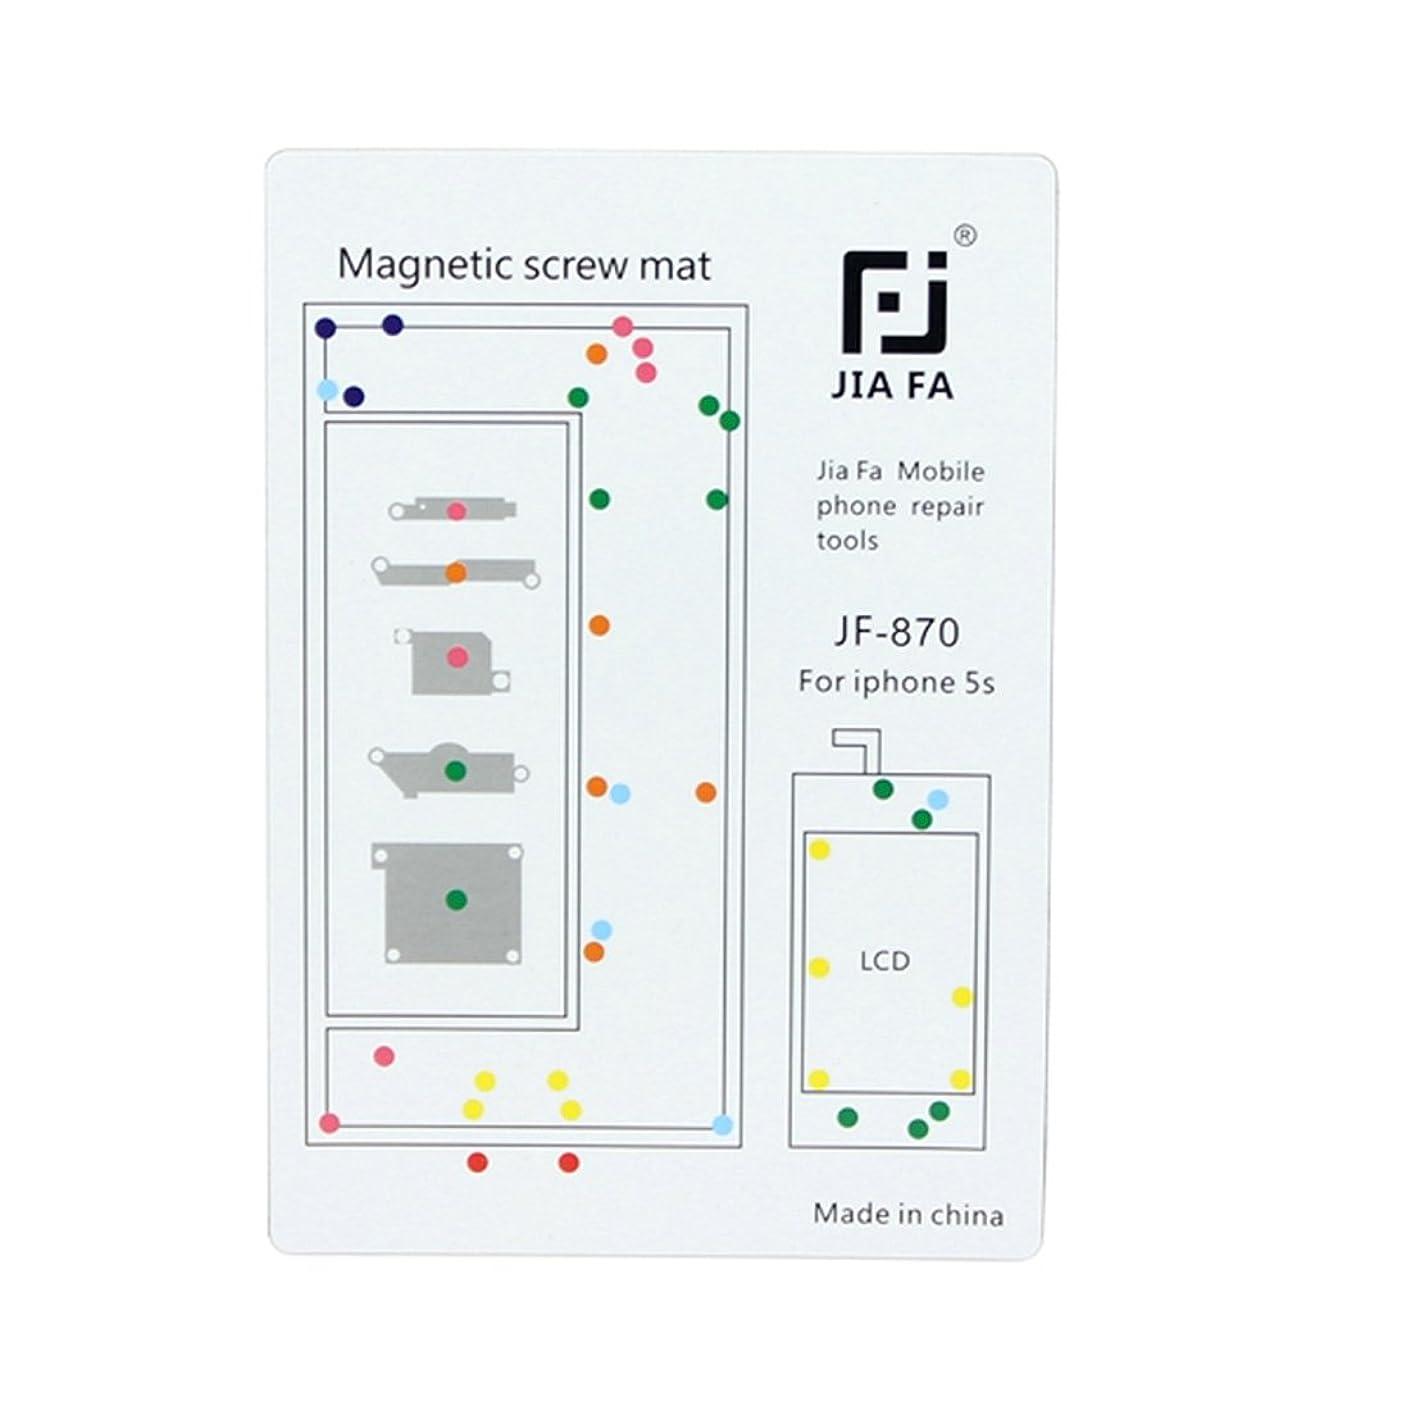 哲学者有名人コンプライアンスIPhone 5S用の優れた磁気ネジマット Lianz